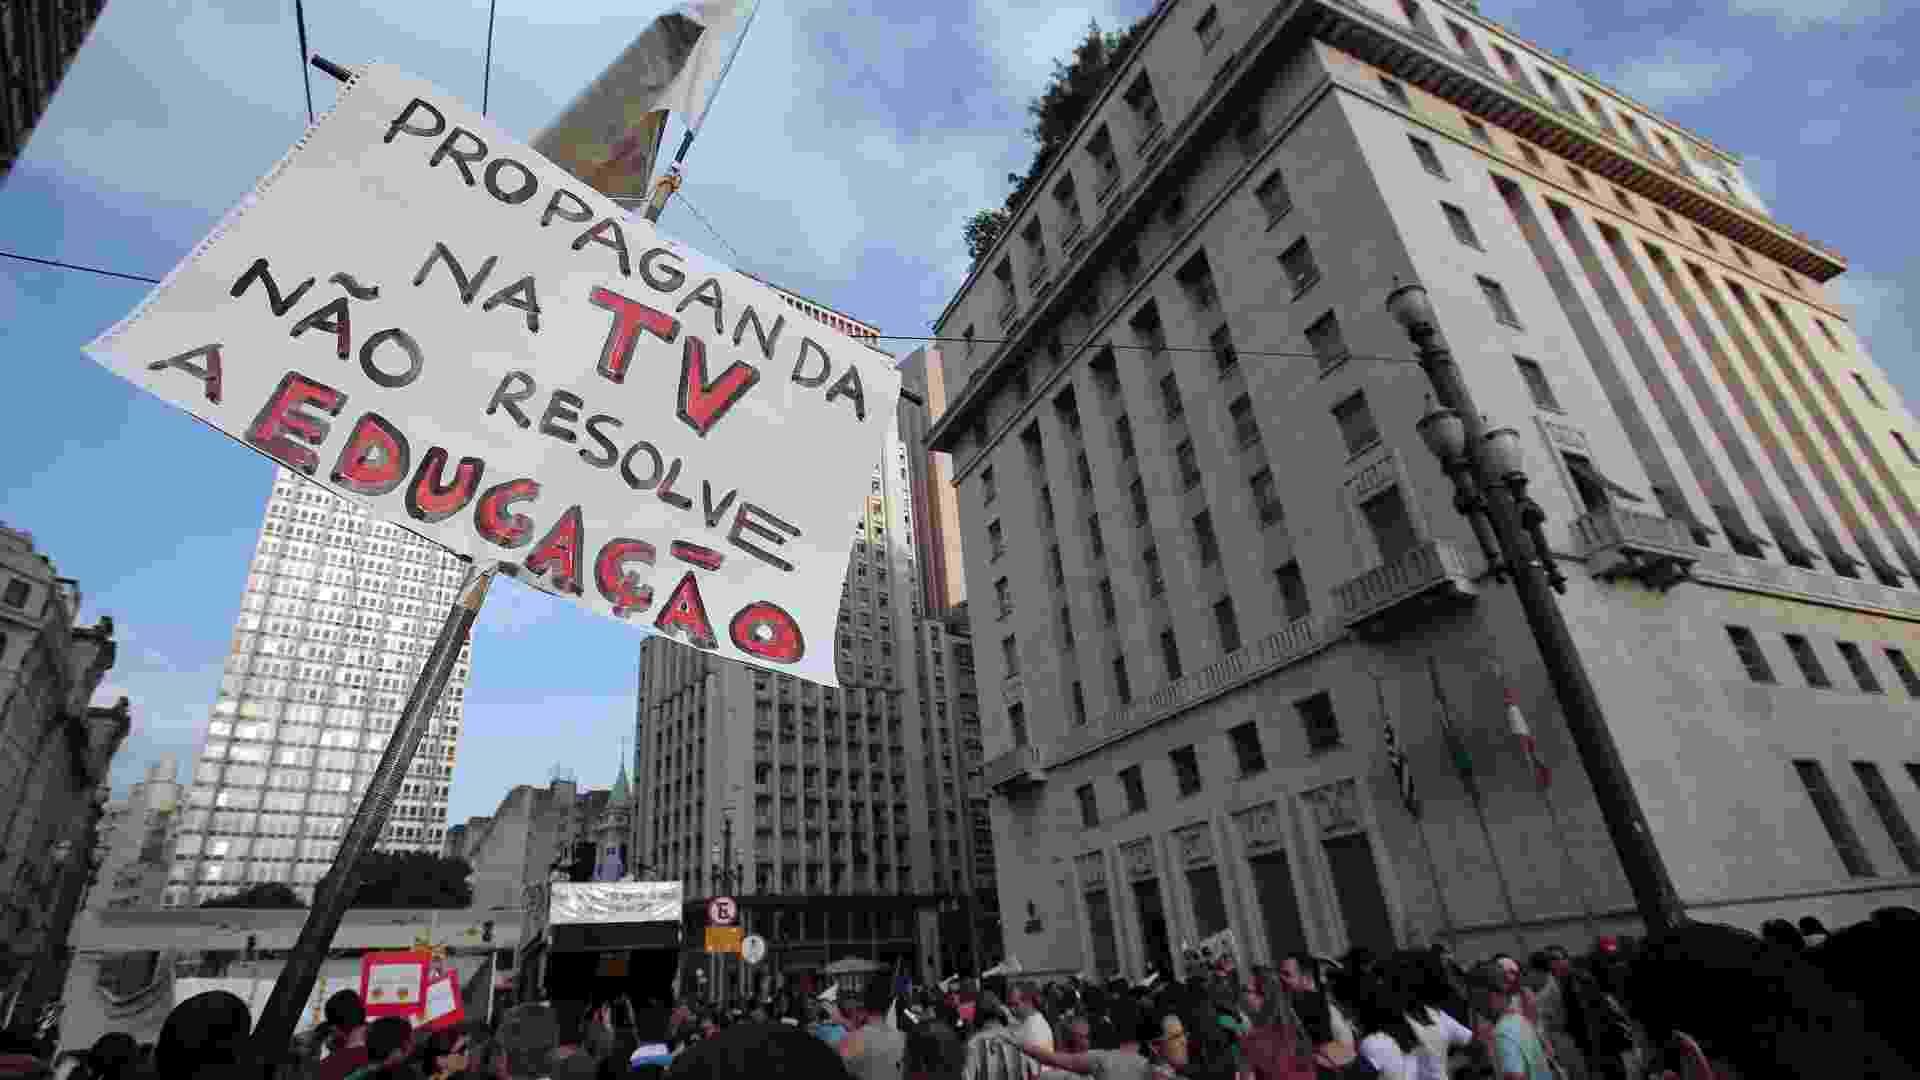 21.mai.2013  - Professores da rede municipal protestam na tarde desta terça-feira em frente à Prefeitura de São Paulo, no viaduto do Chá. A categoria está em greve desde o dia 3 de maio e reivindica os seguintes reajustes: 6,55% retroativo a maio de 2011; 4,61% retroativo a maio de 2012 e 6,51% referente a esse ano. A secretaria municipal afirma que os docentes já têm assegurado um aumento de 10,19% em maio deste ano e outro de 13,43% previsto para o mesmo período de 2014. Os professores, porém, dizem que as parcelas já haviam sido acordadas na gestão anterior - Rodrigo Paiva/UOL